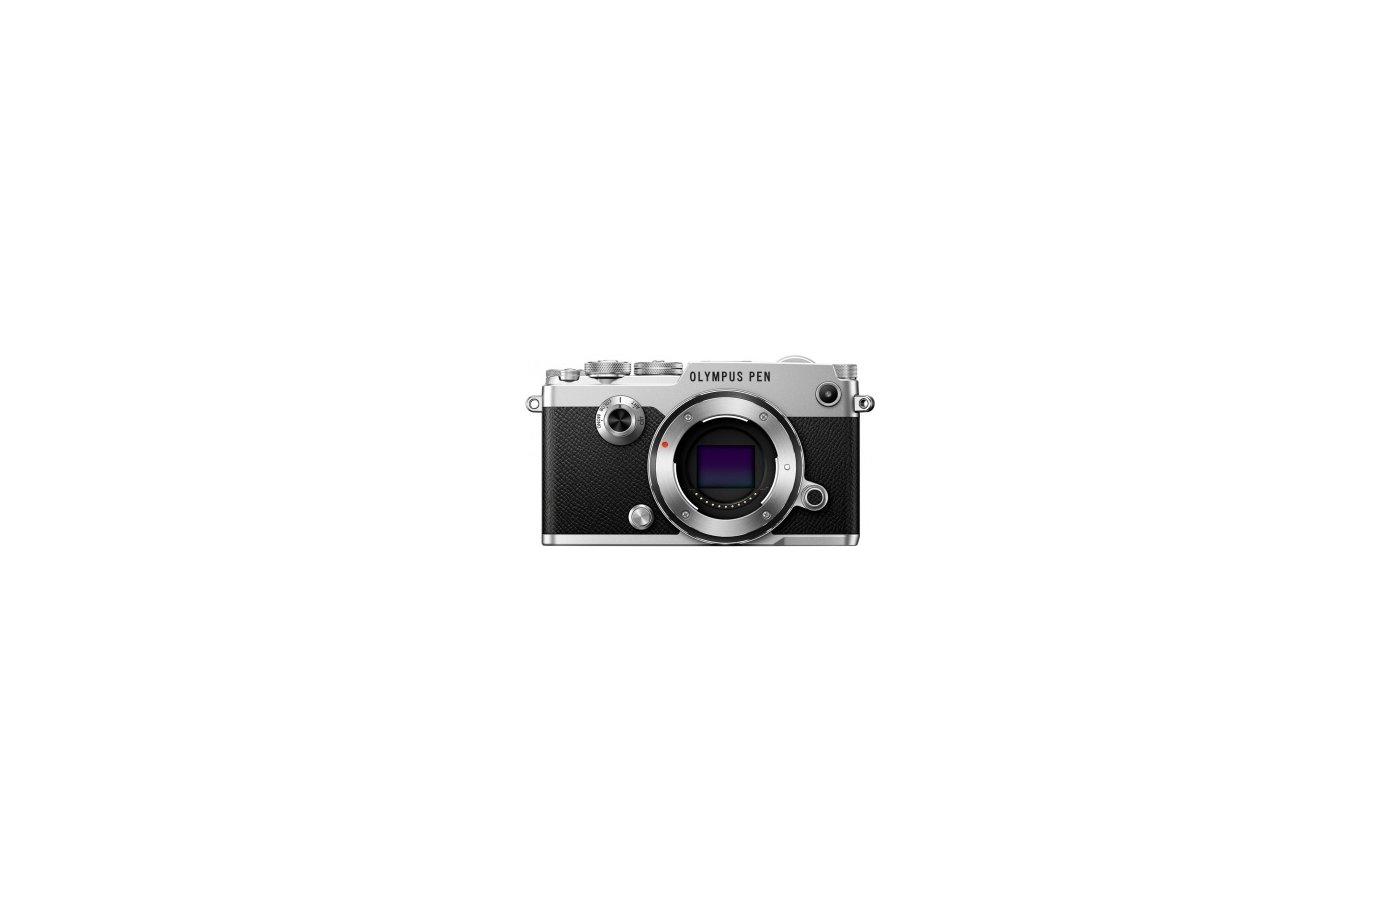 Фотоаппарат со сменной оптикой OLYMPUS PEN-F Body silver incl. Charger + Battery